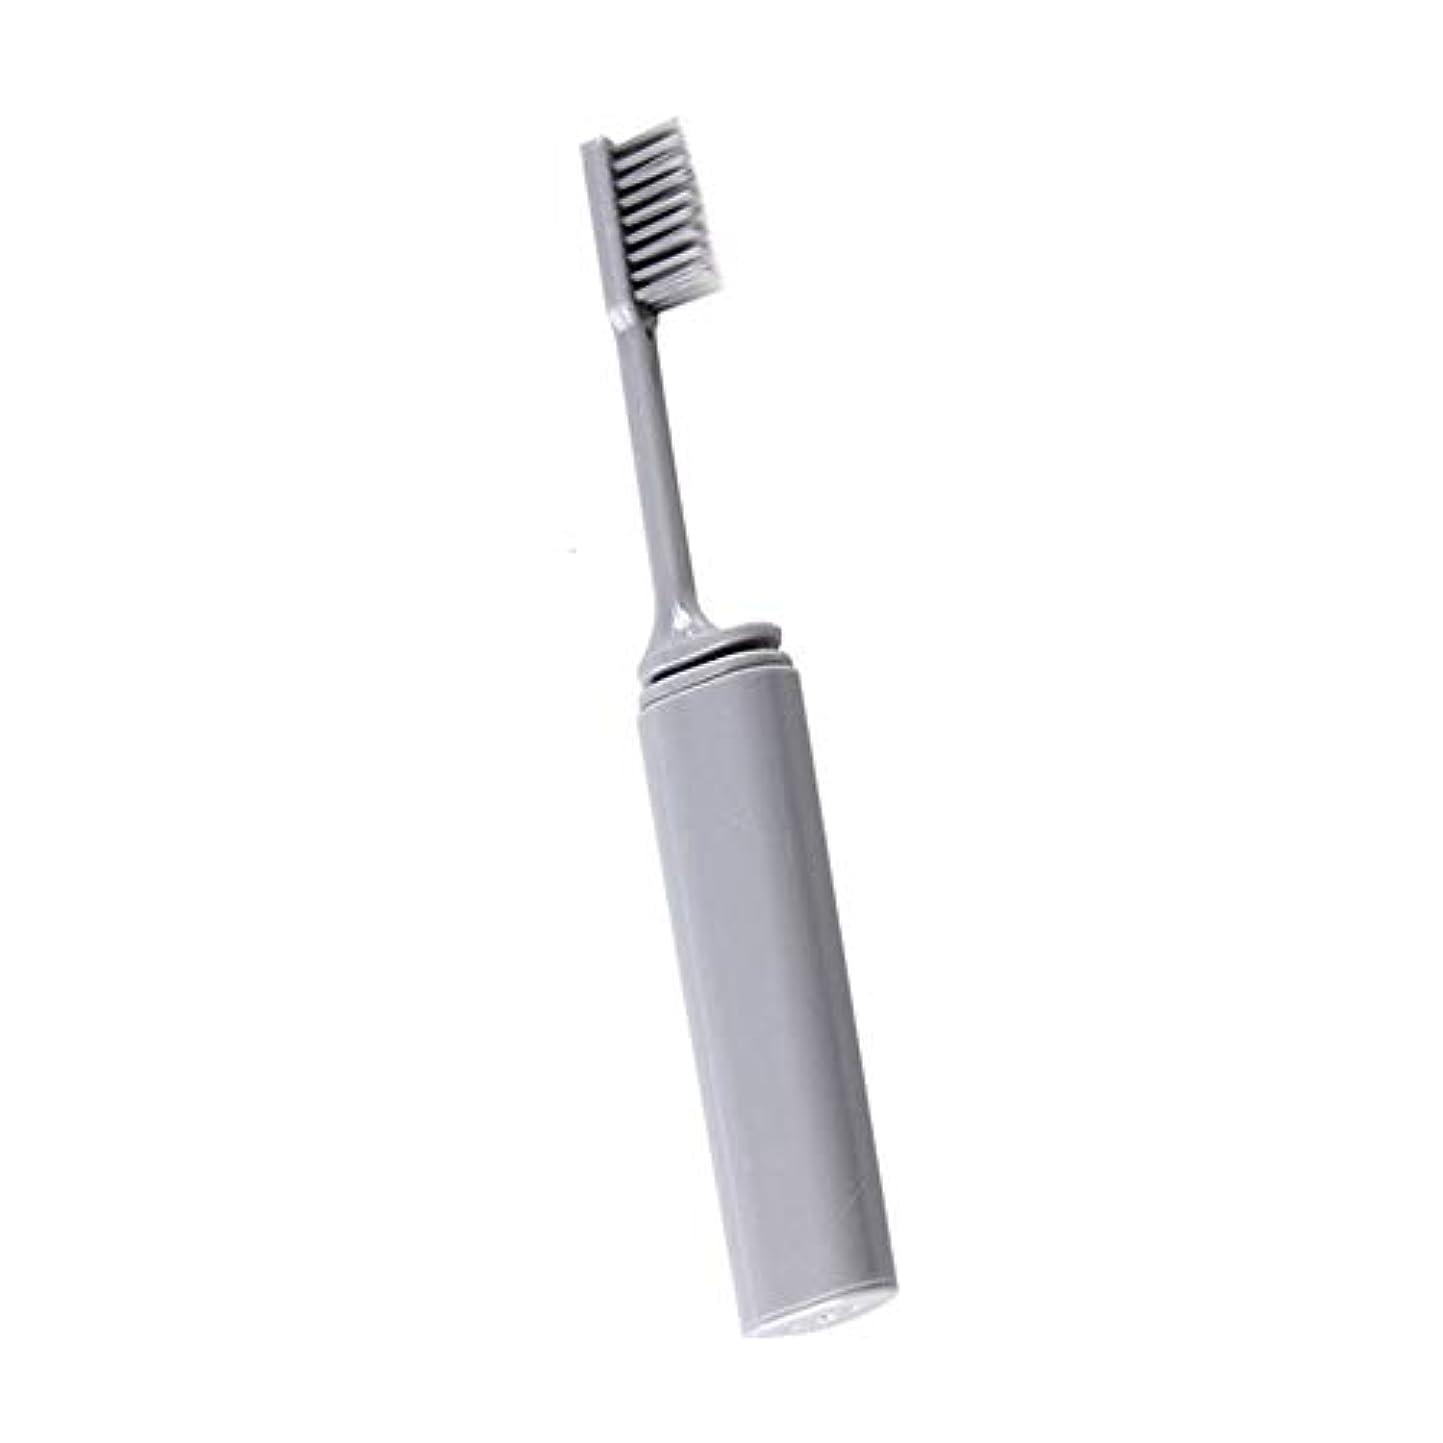 恐れるビルダー海里Onior 旅行歯ブラシ 折りたたみ歯ブラシ 携帯歯ブラシ 外出 旅行用品, ソフト コンパクト歯ブラシ 便利 折りたたみ 耐久性 携帯用 灰色